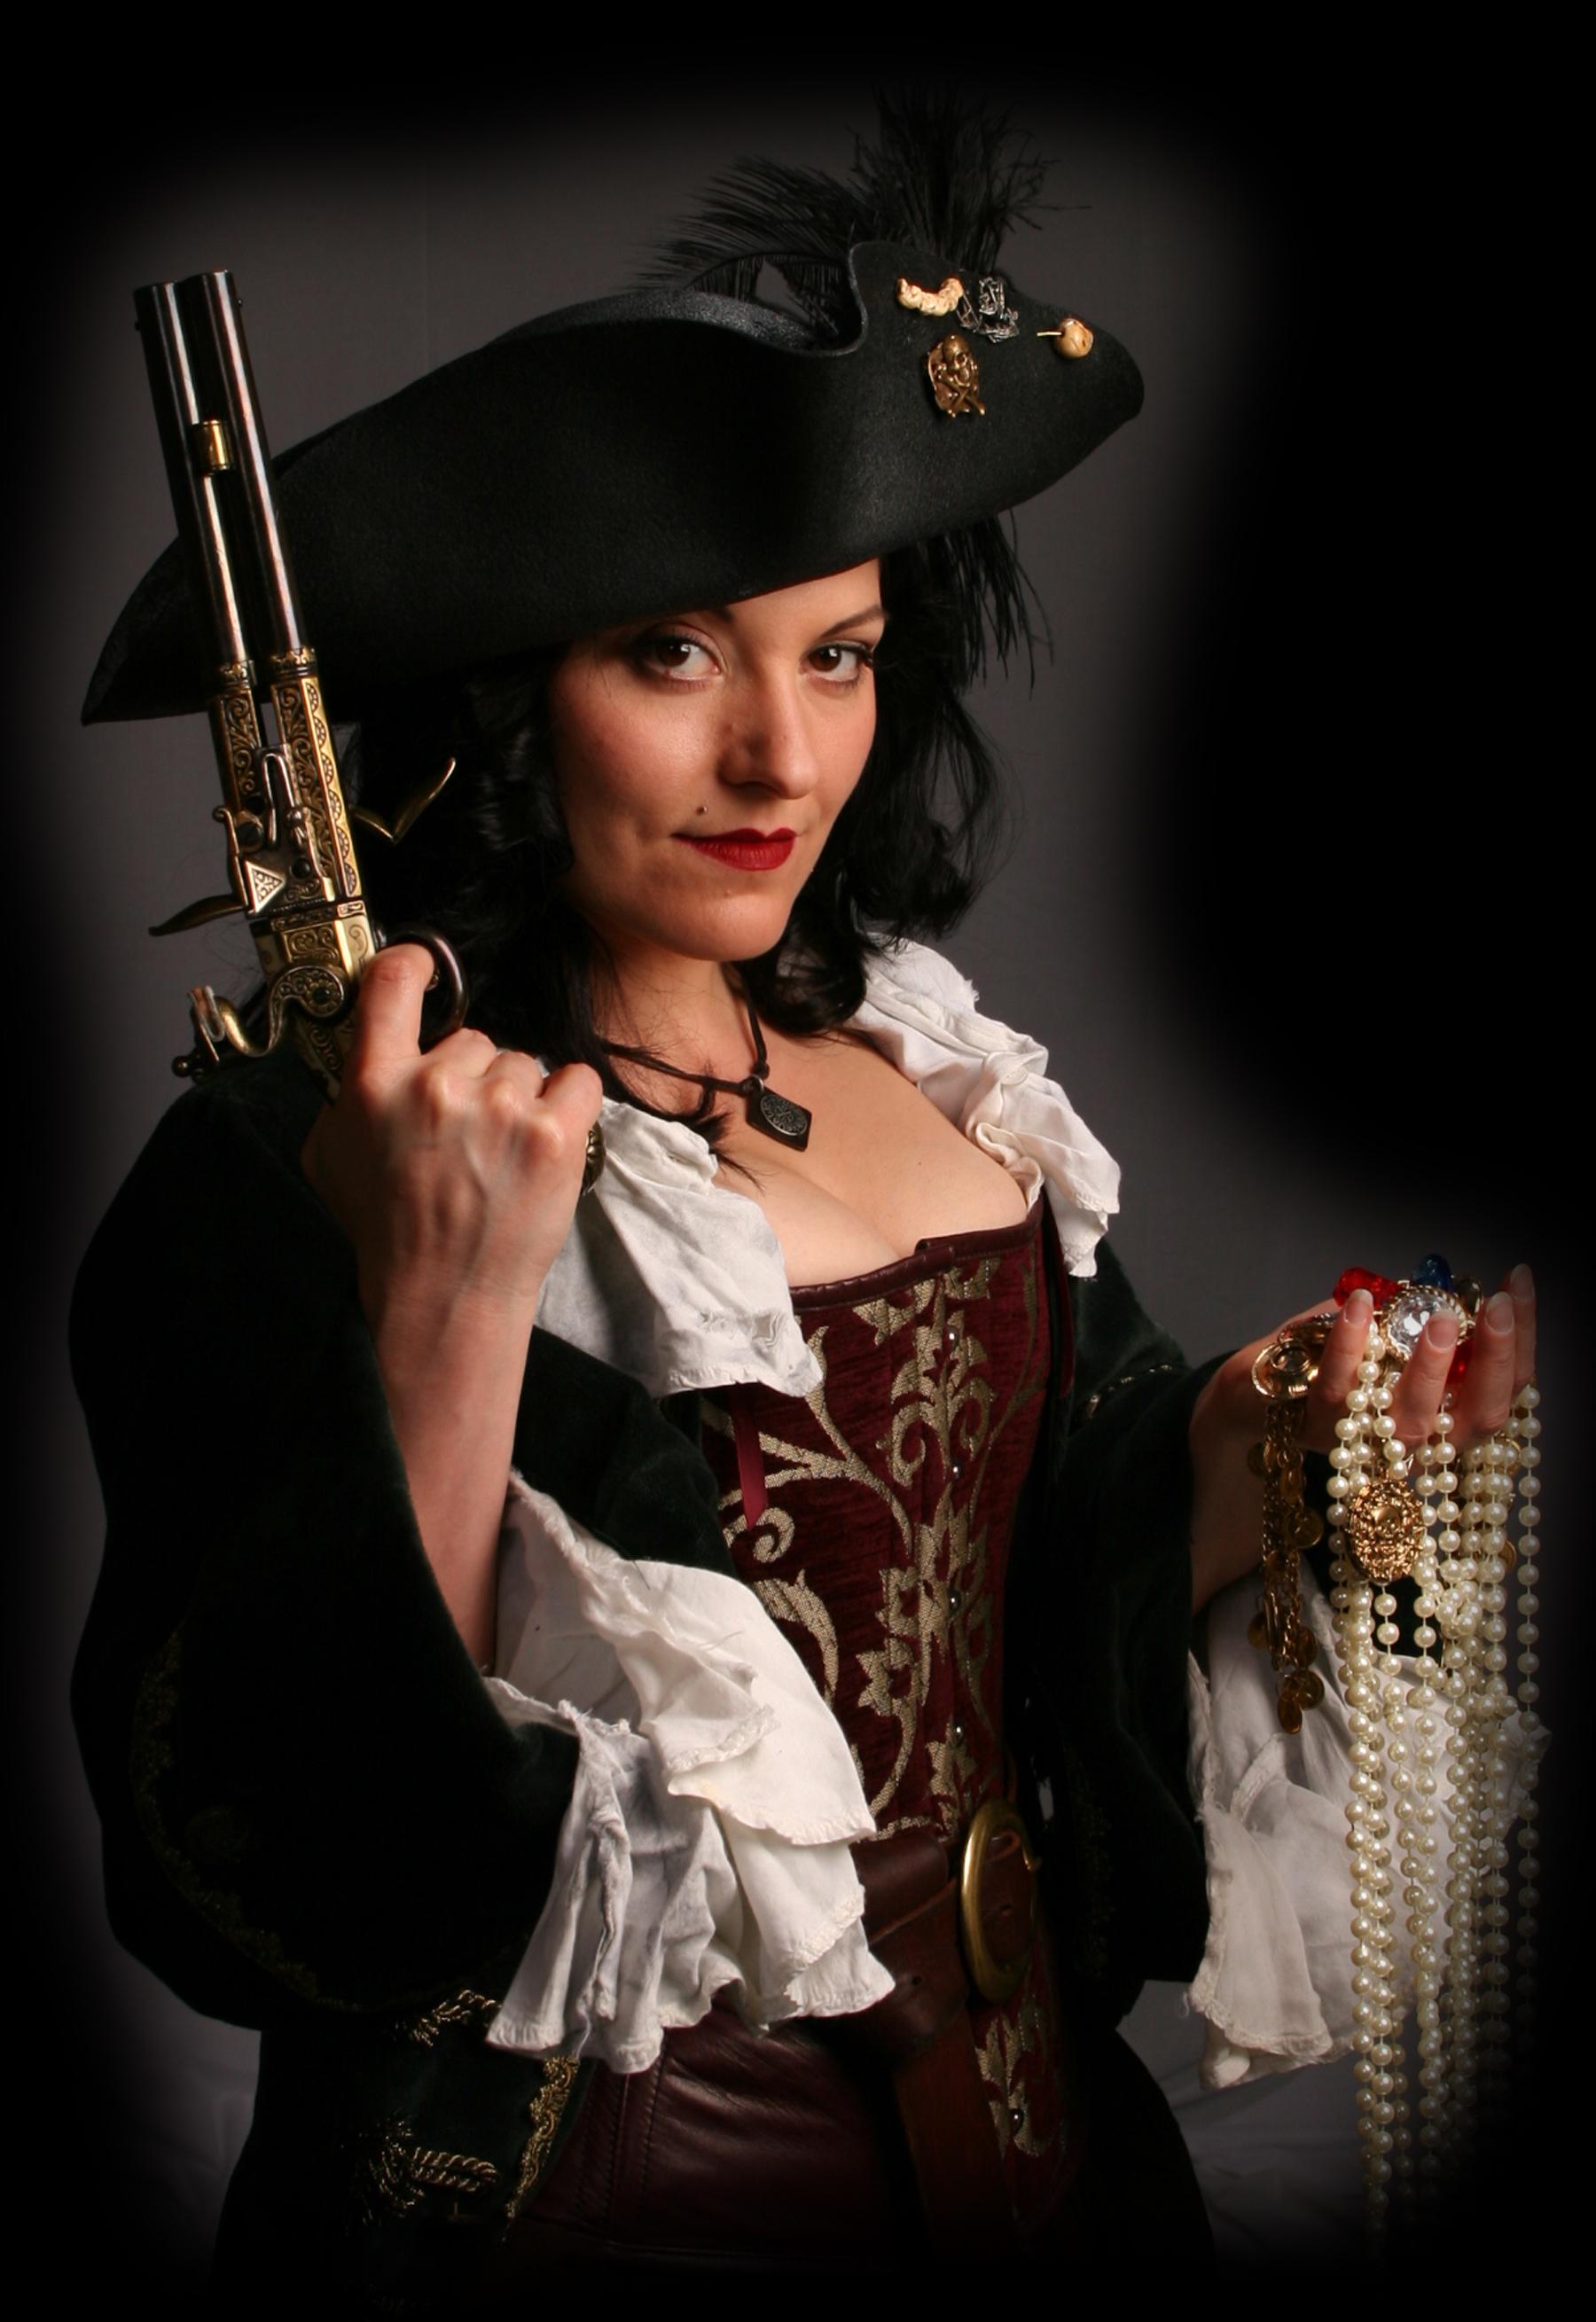 Female_Pirate Pirate Fest.jpg